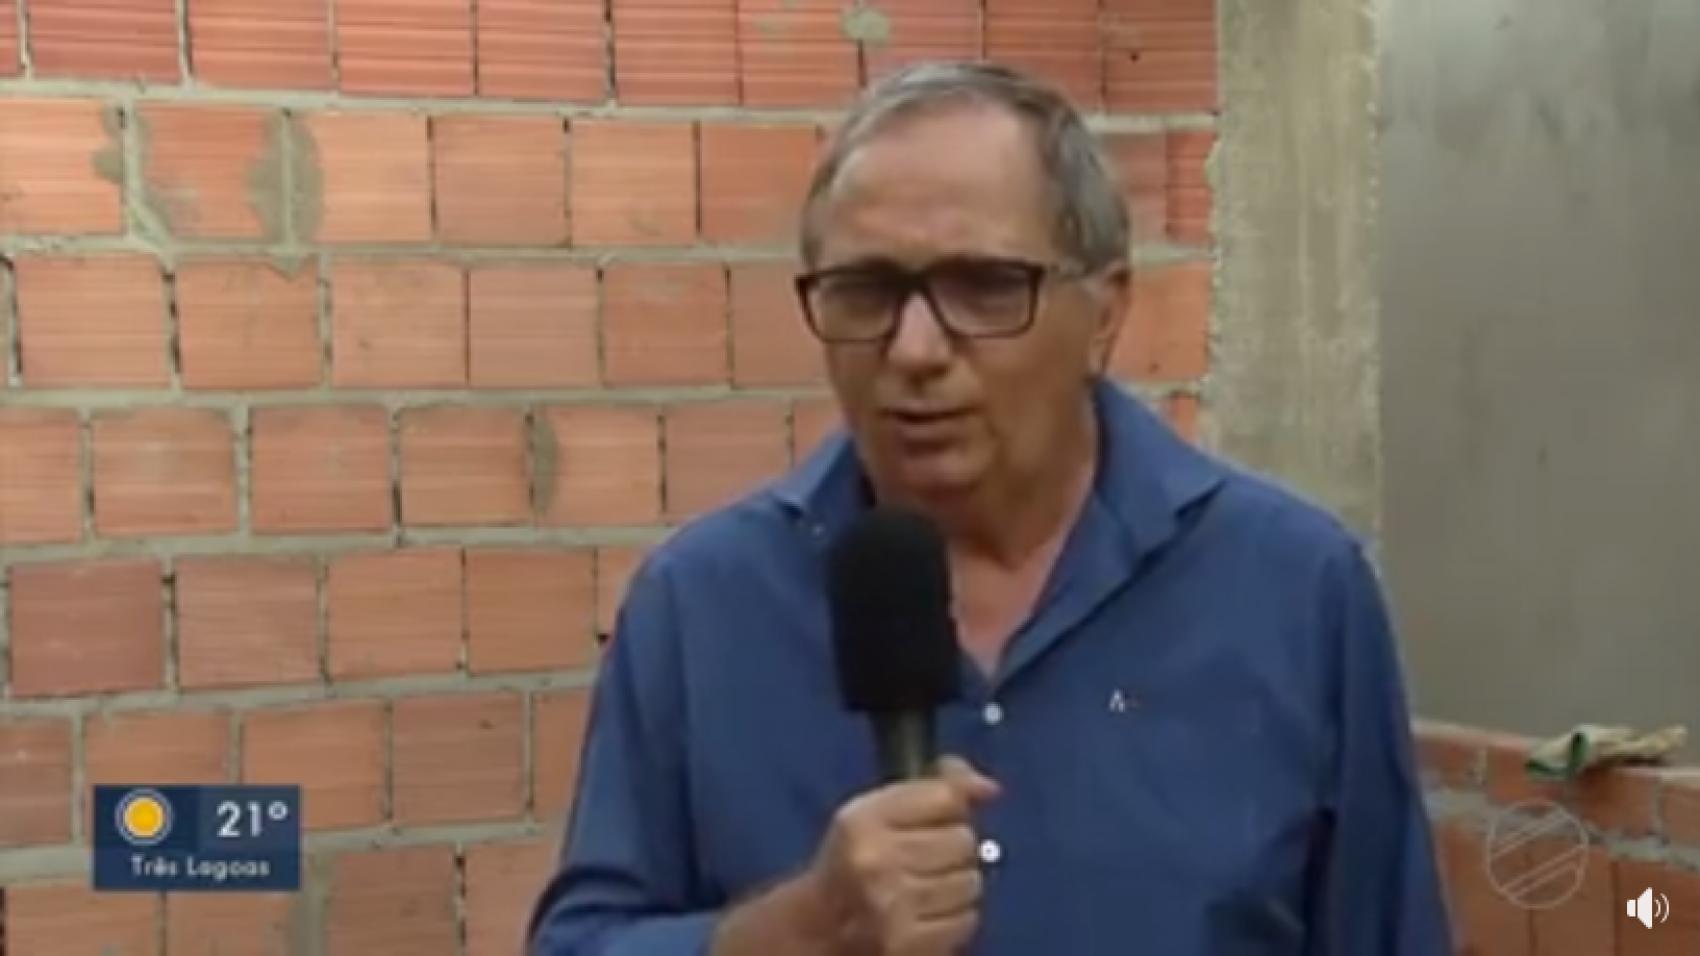 Presidente da Acomasul fala em entrevista na TV Morena sobre os impactos da pandemia de Coronavirus para o setor da Construção Civil.